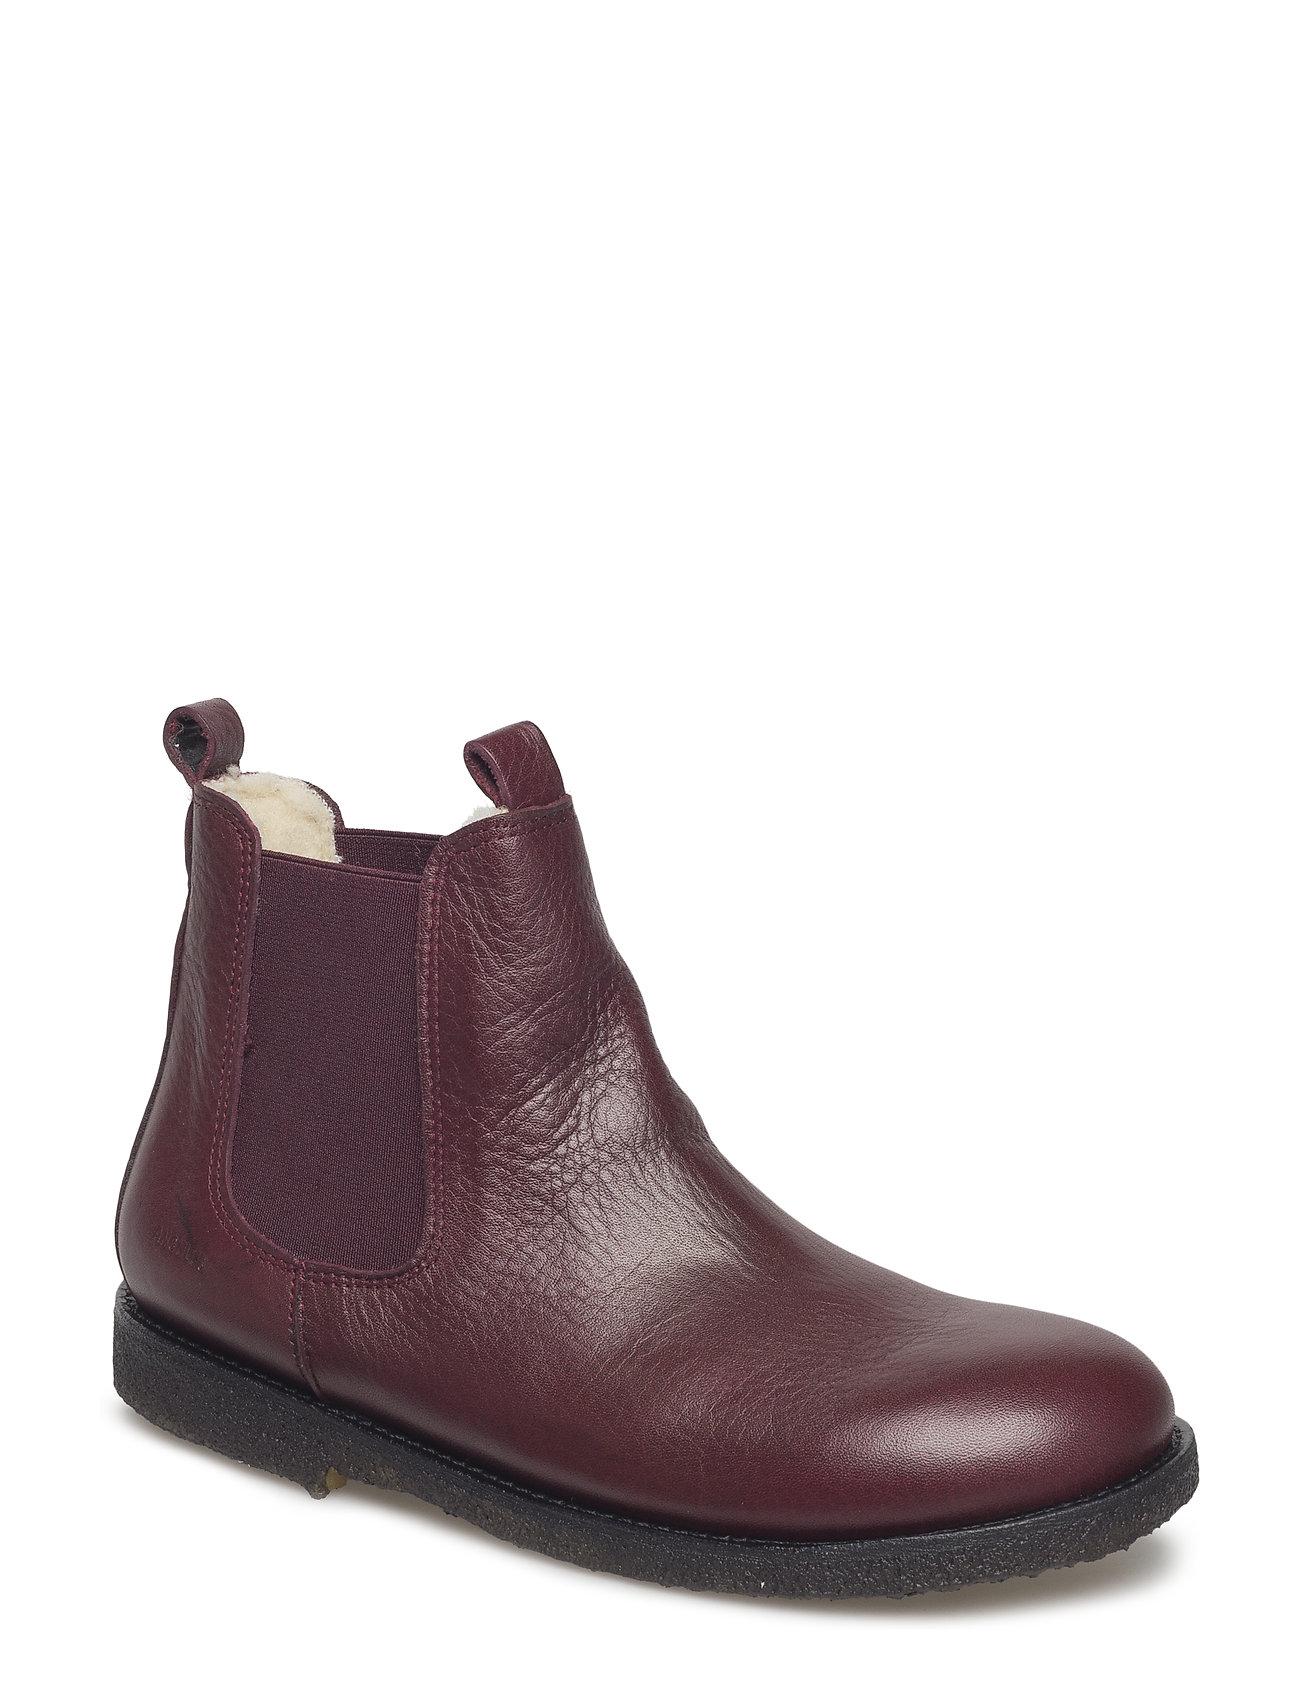 b71e8c45582 ANGULUS støvler – Chelsea Boot til børn i 2544/031 BORDEAUX/BORDEAUX ...